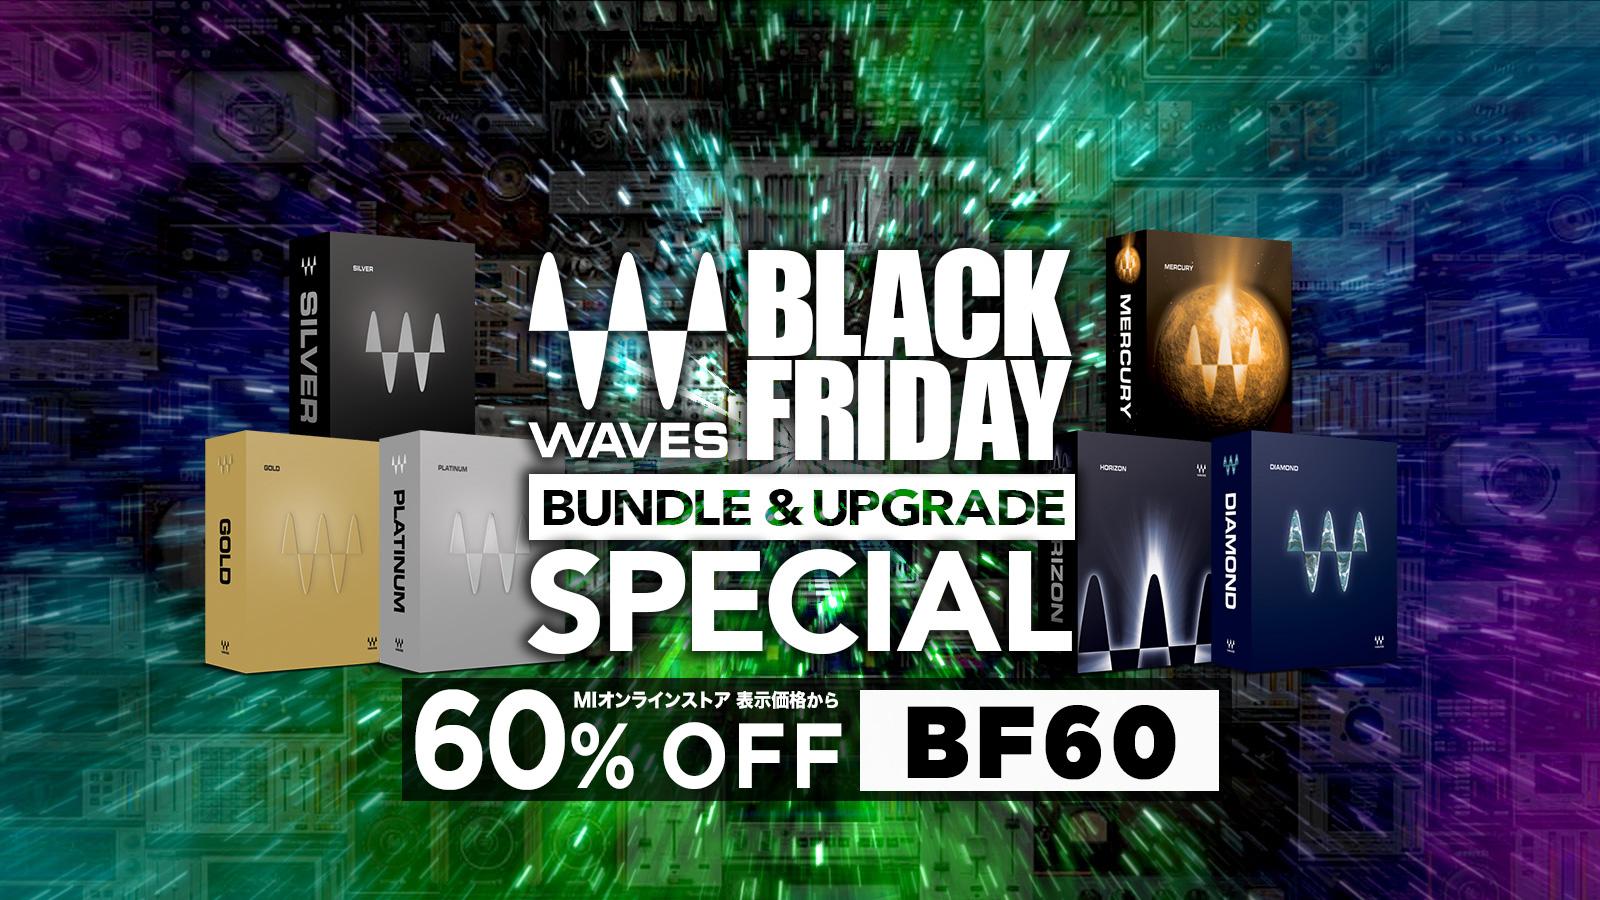 Waves ブラックフライデーセール!<br>バンドル & アップグレード特集